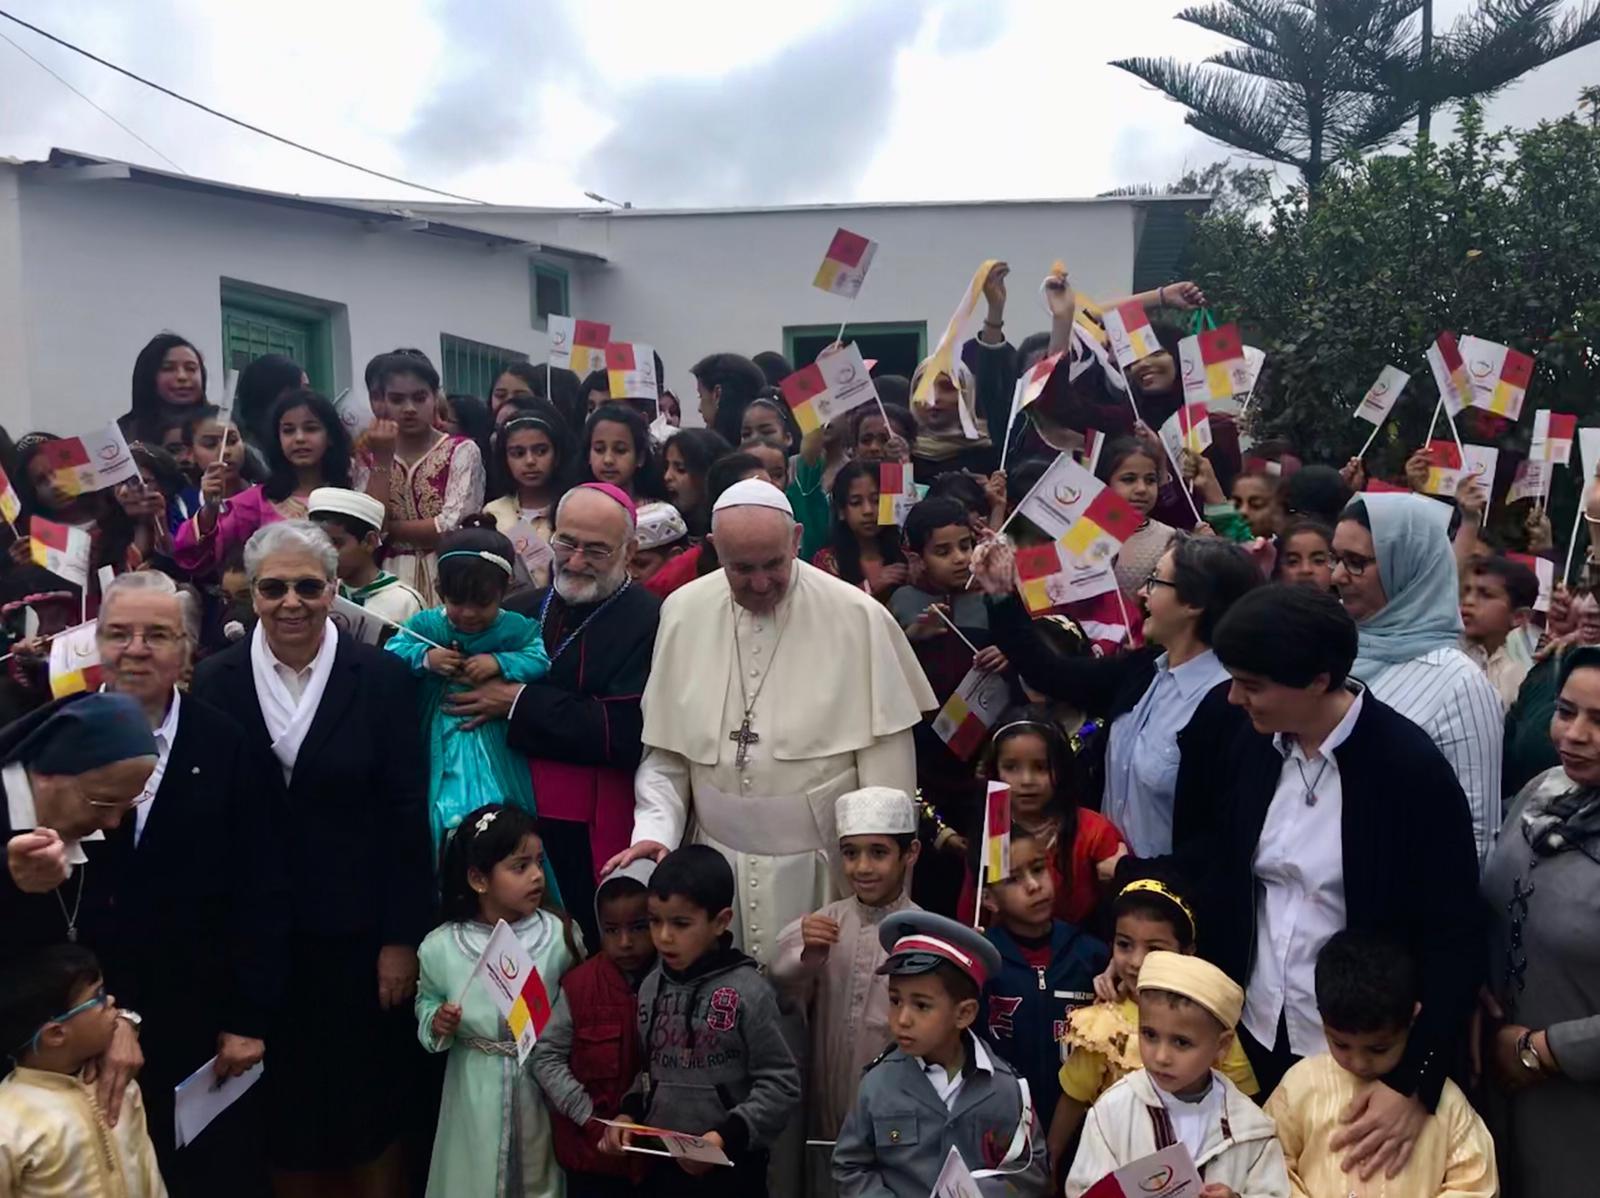 El Papa en el Centro Rural de Servicios Sociales de Temara, Marruecos © Vatican Media